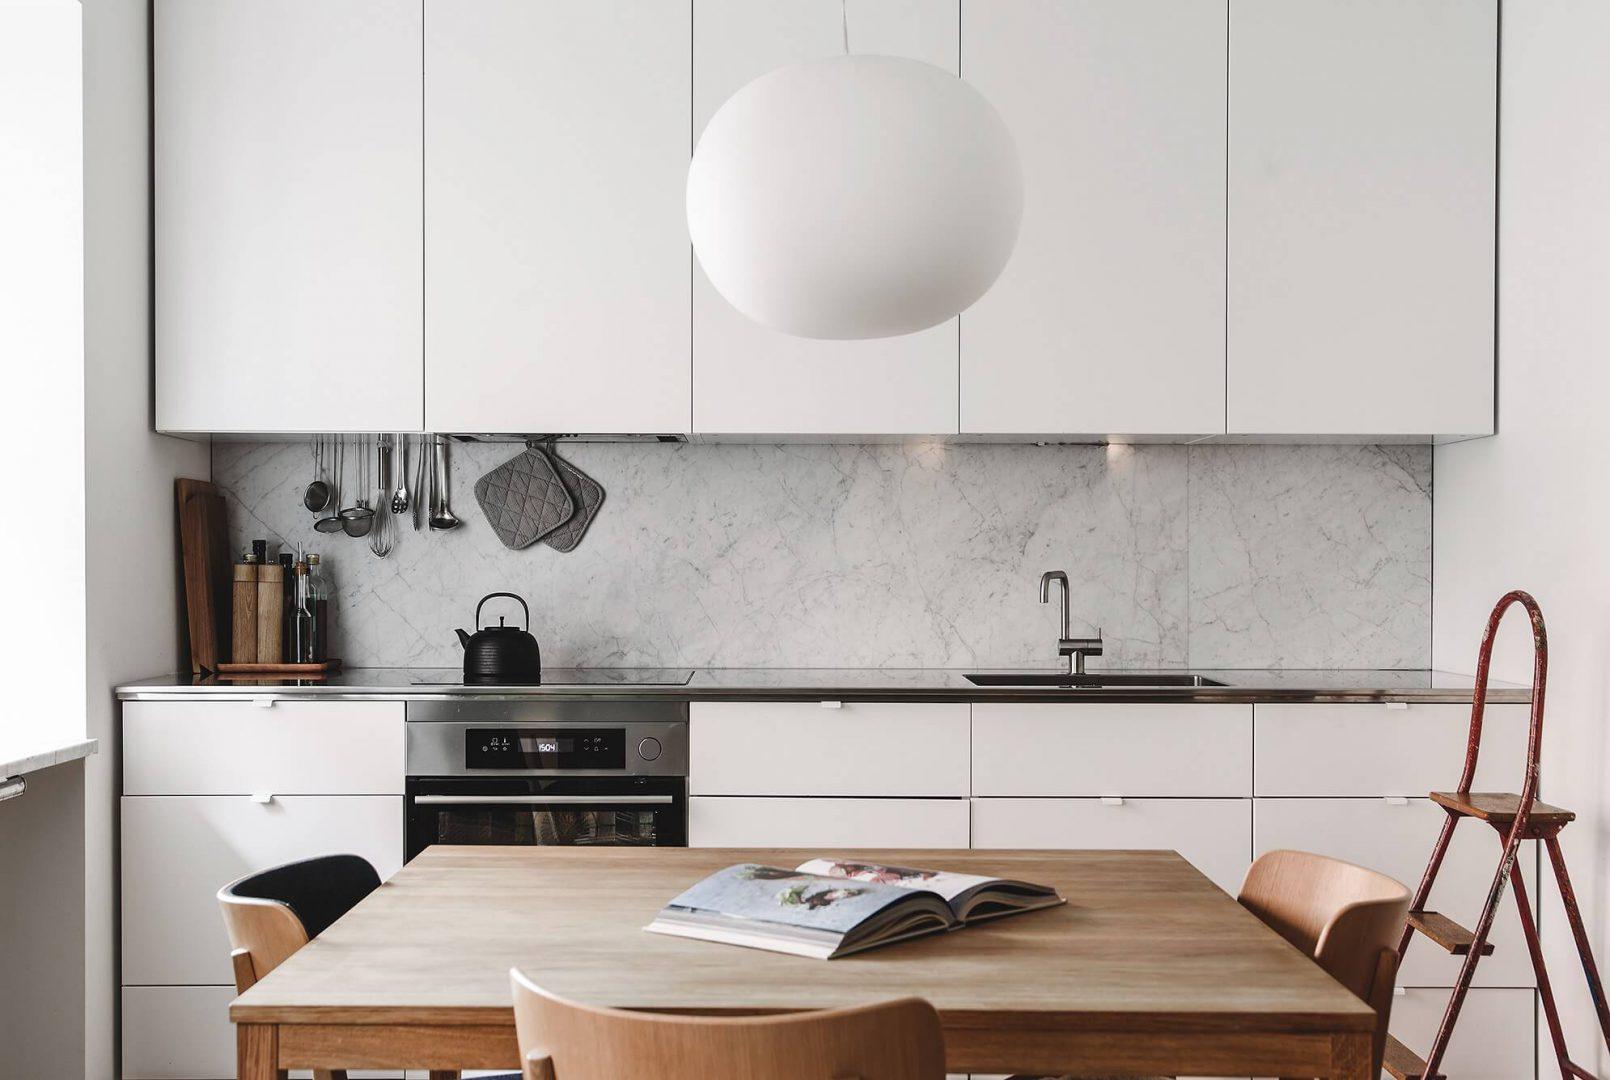 O mármore misturado à madeira e o branco dos armários se misturam nessa cozinha escandinava.